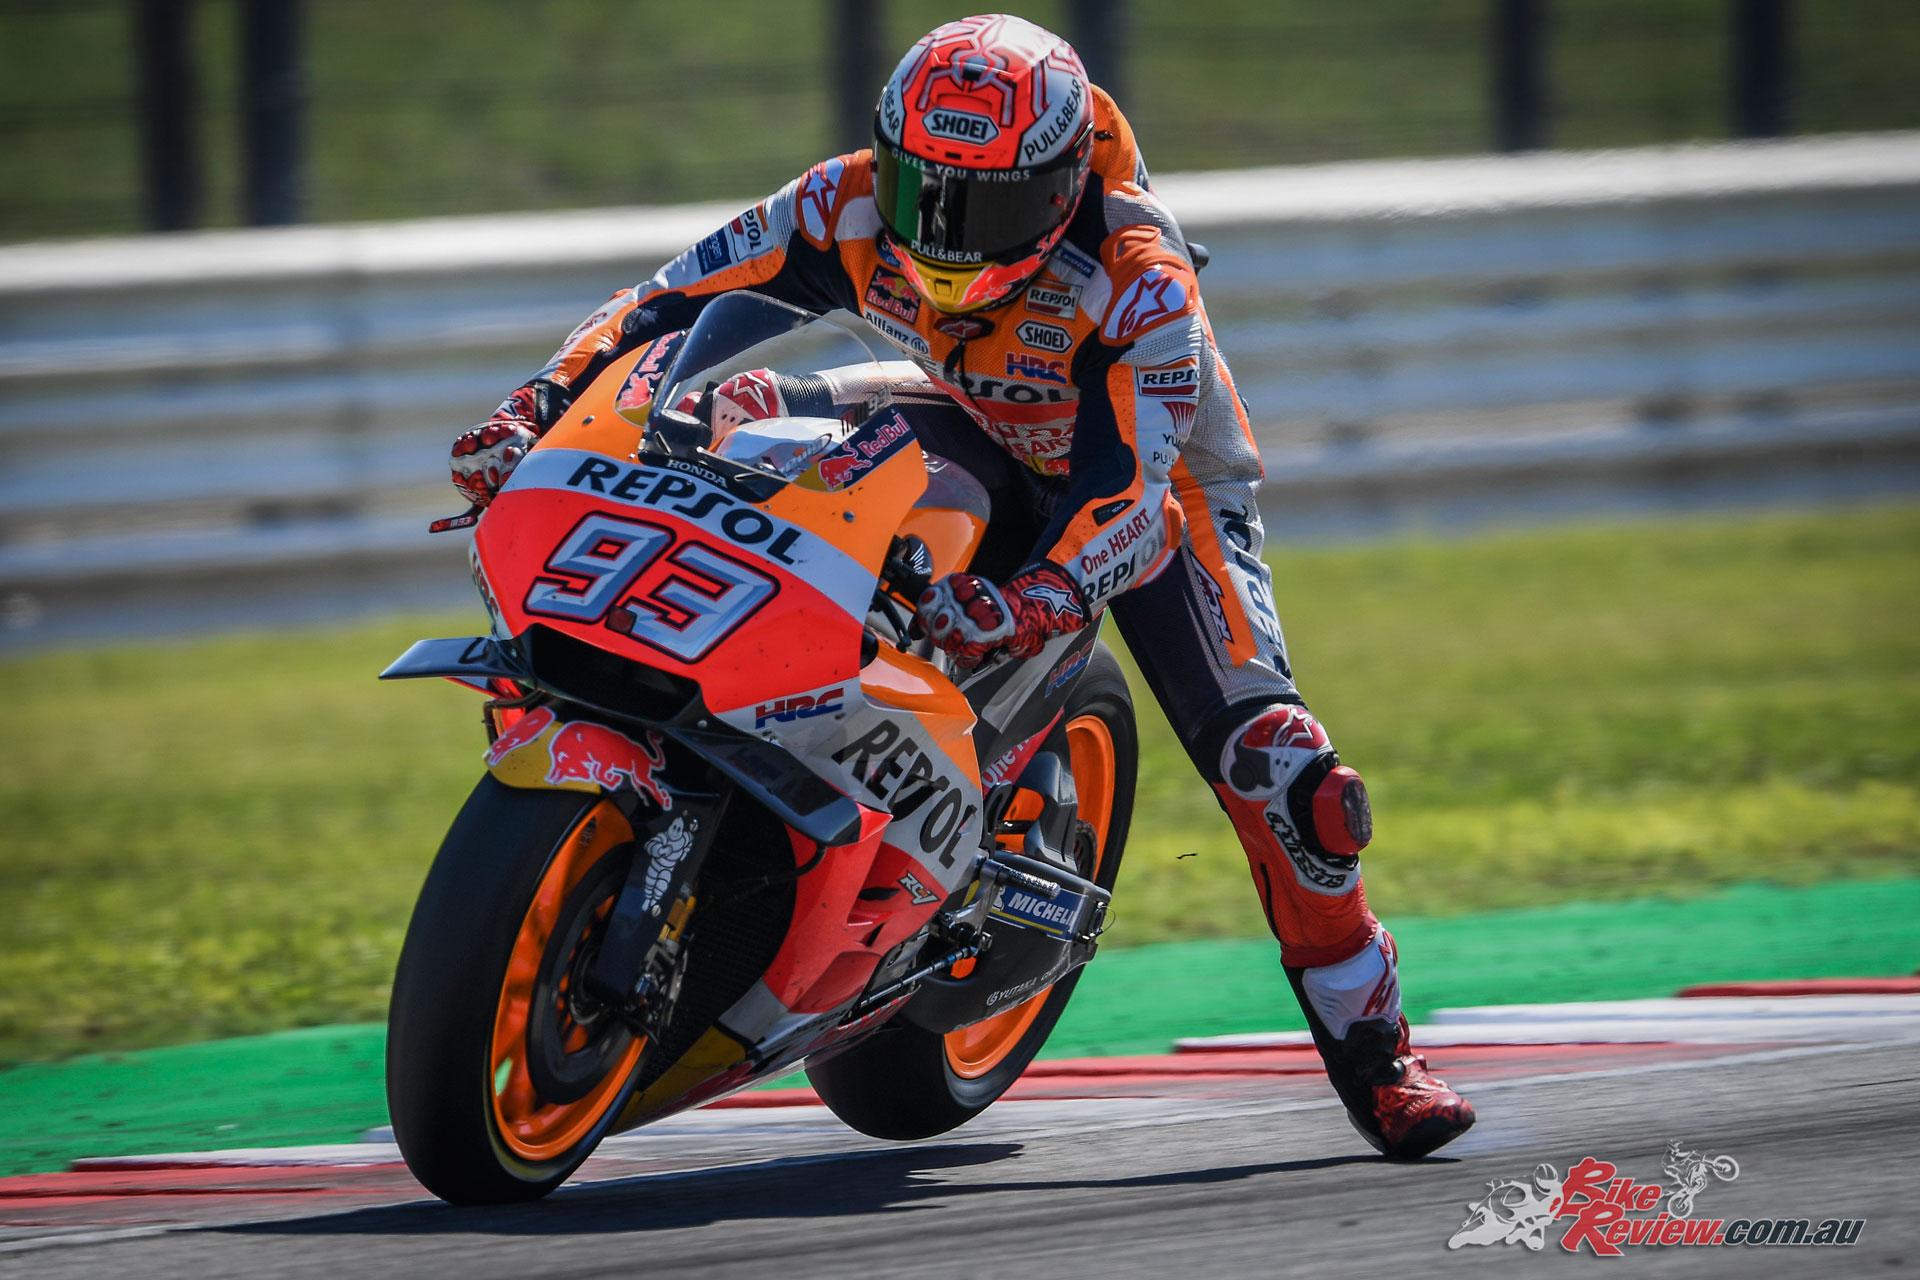 Marc Marquez - MotoGP 2018 Misano